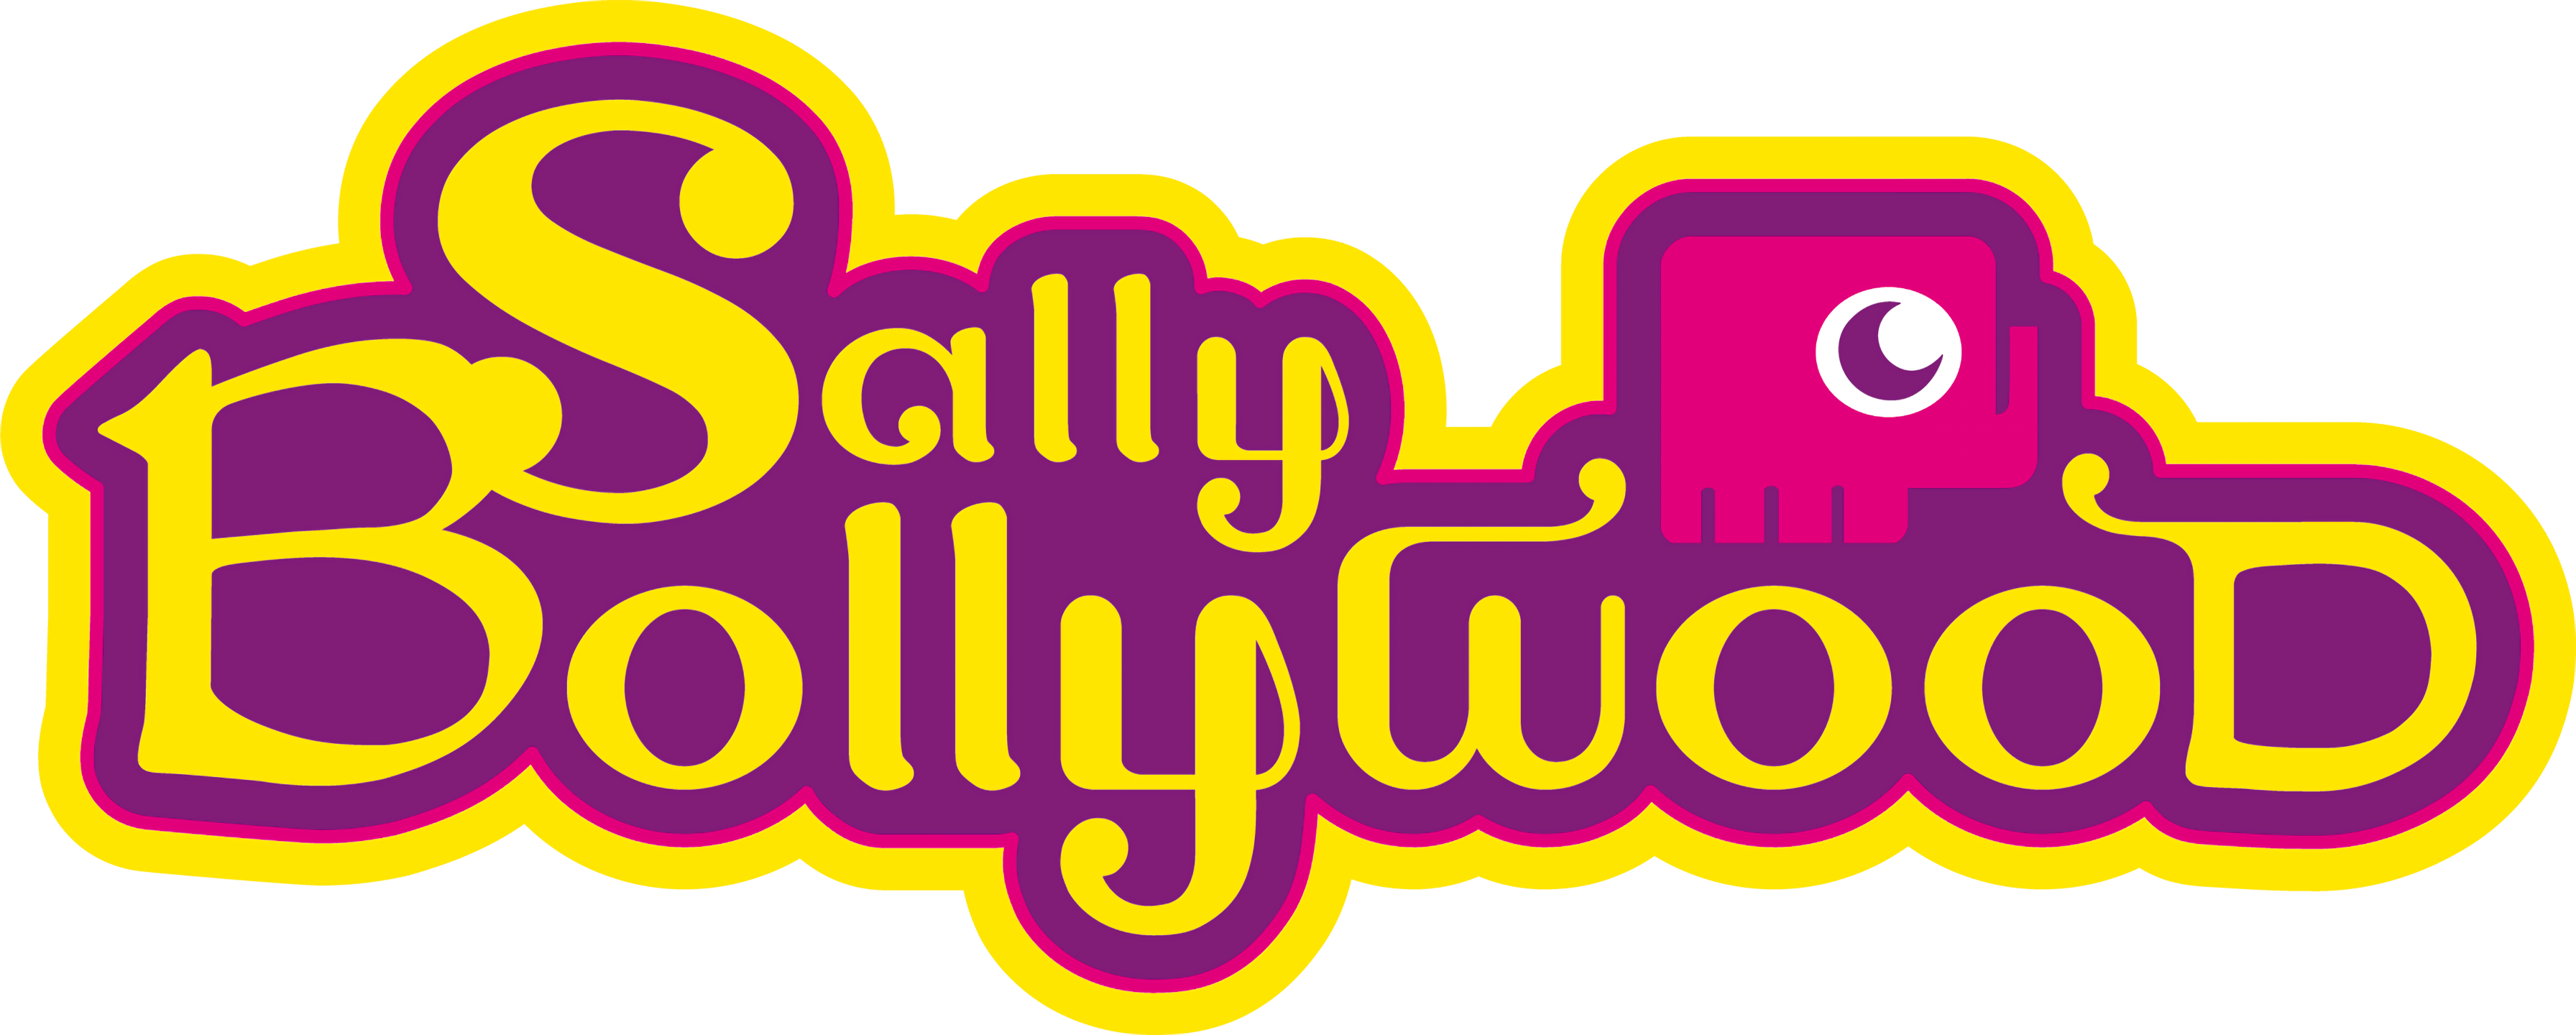 Sally Bollywood